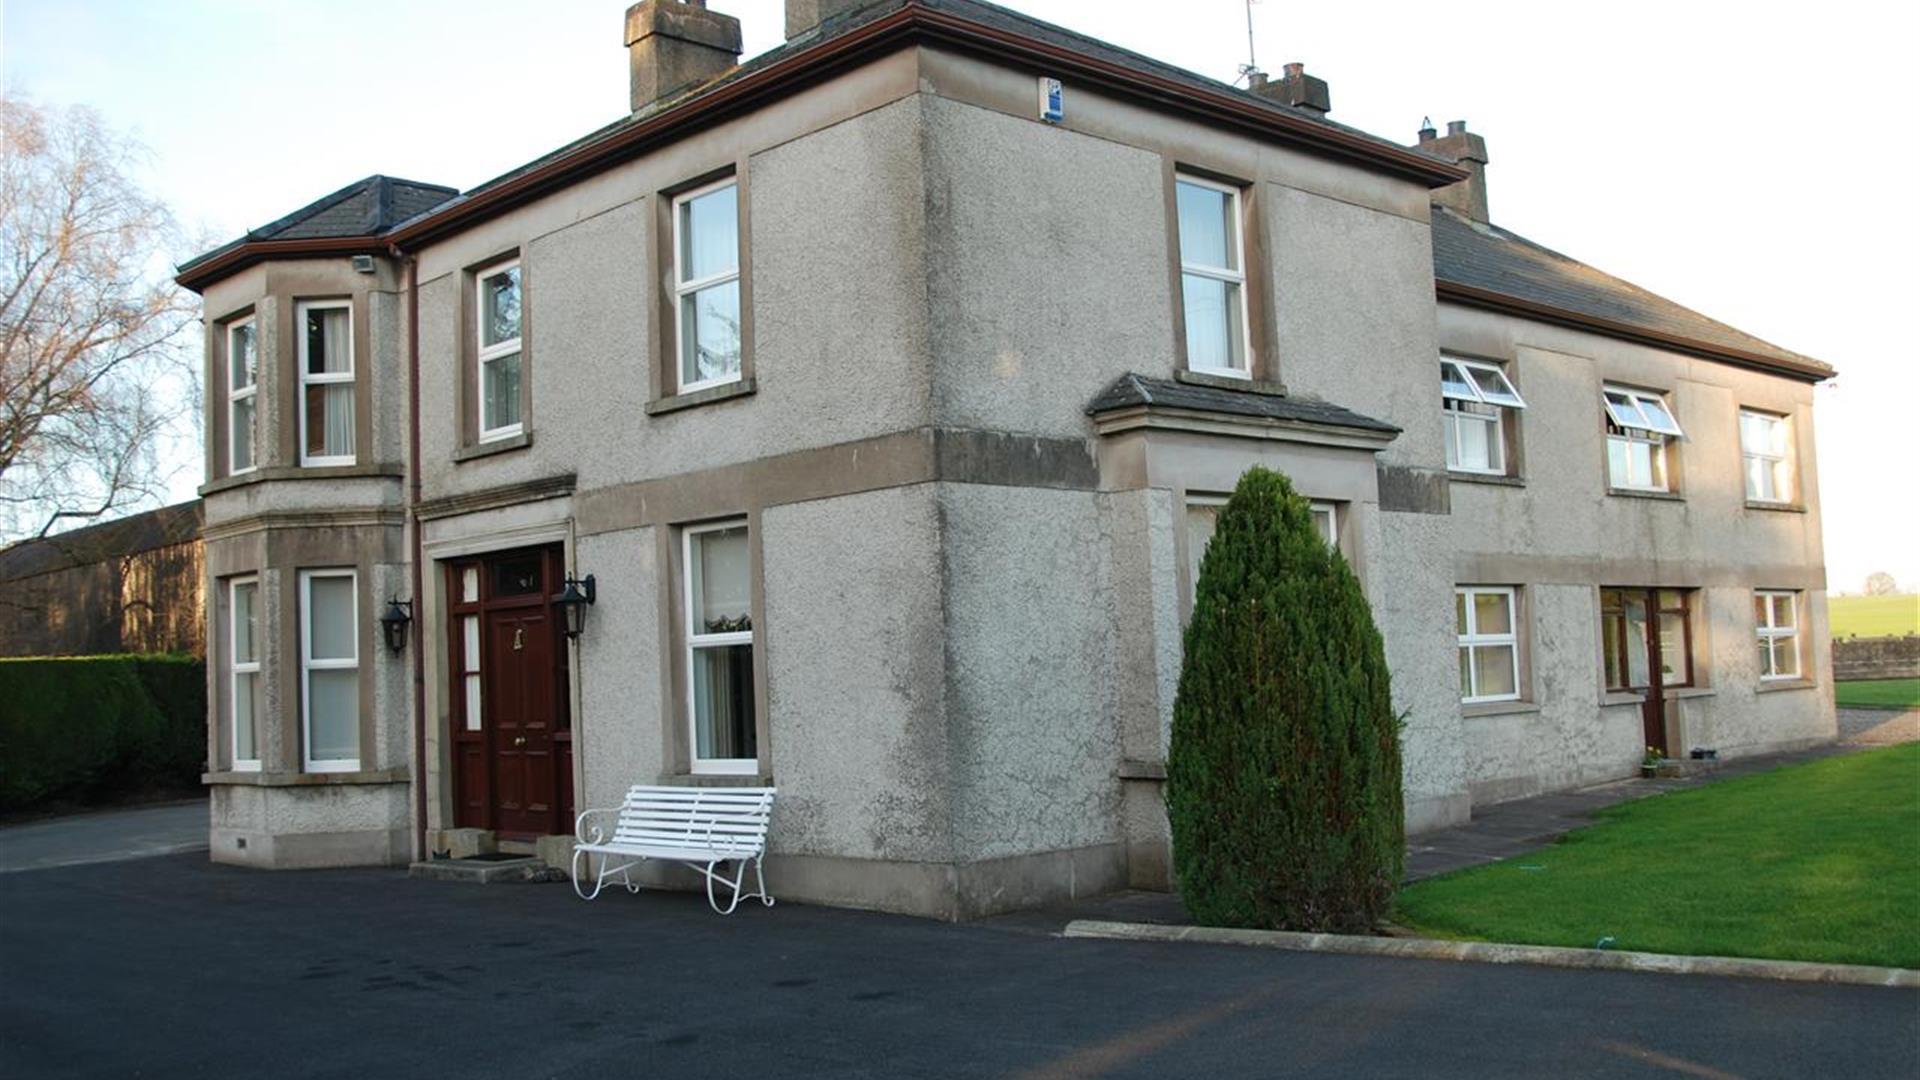 Derryvree House